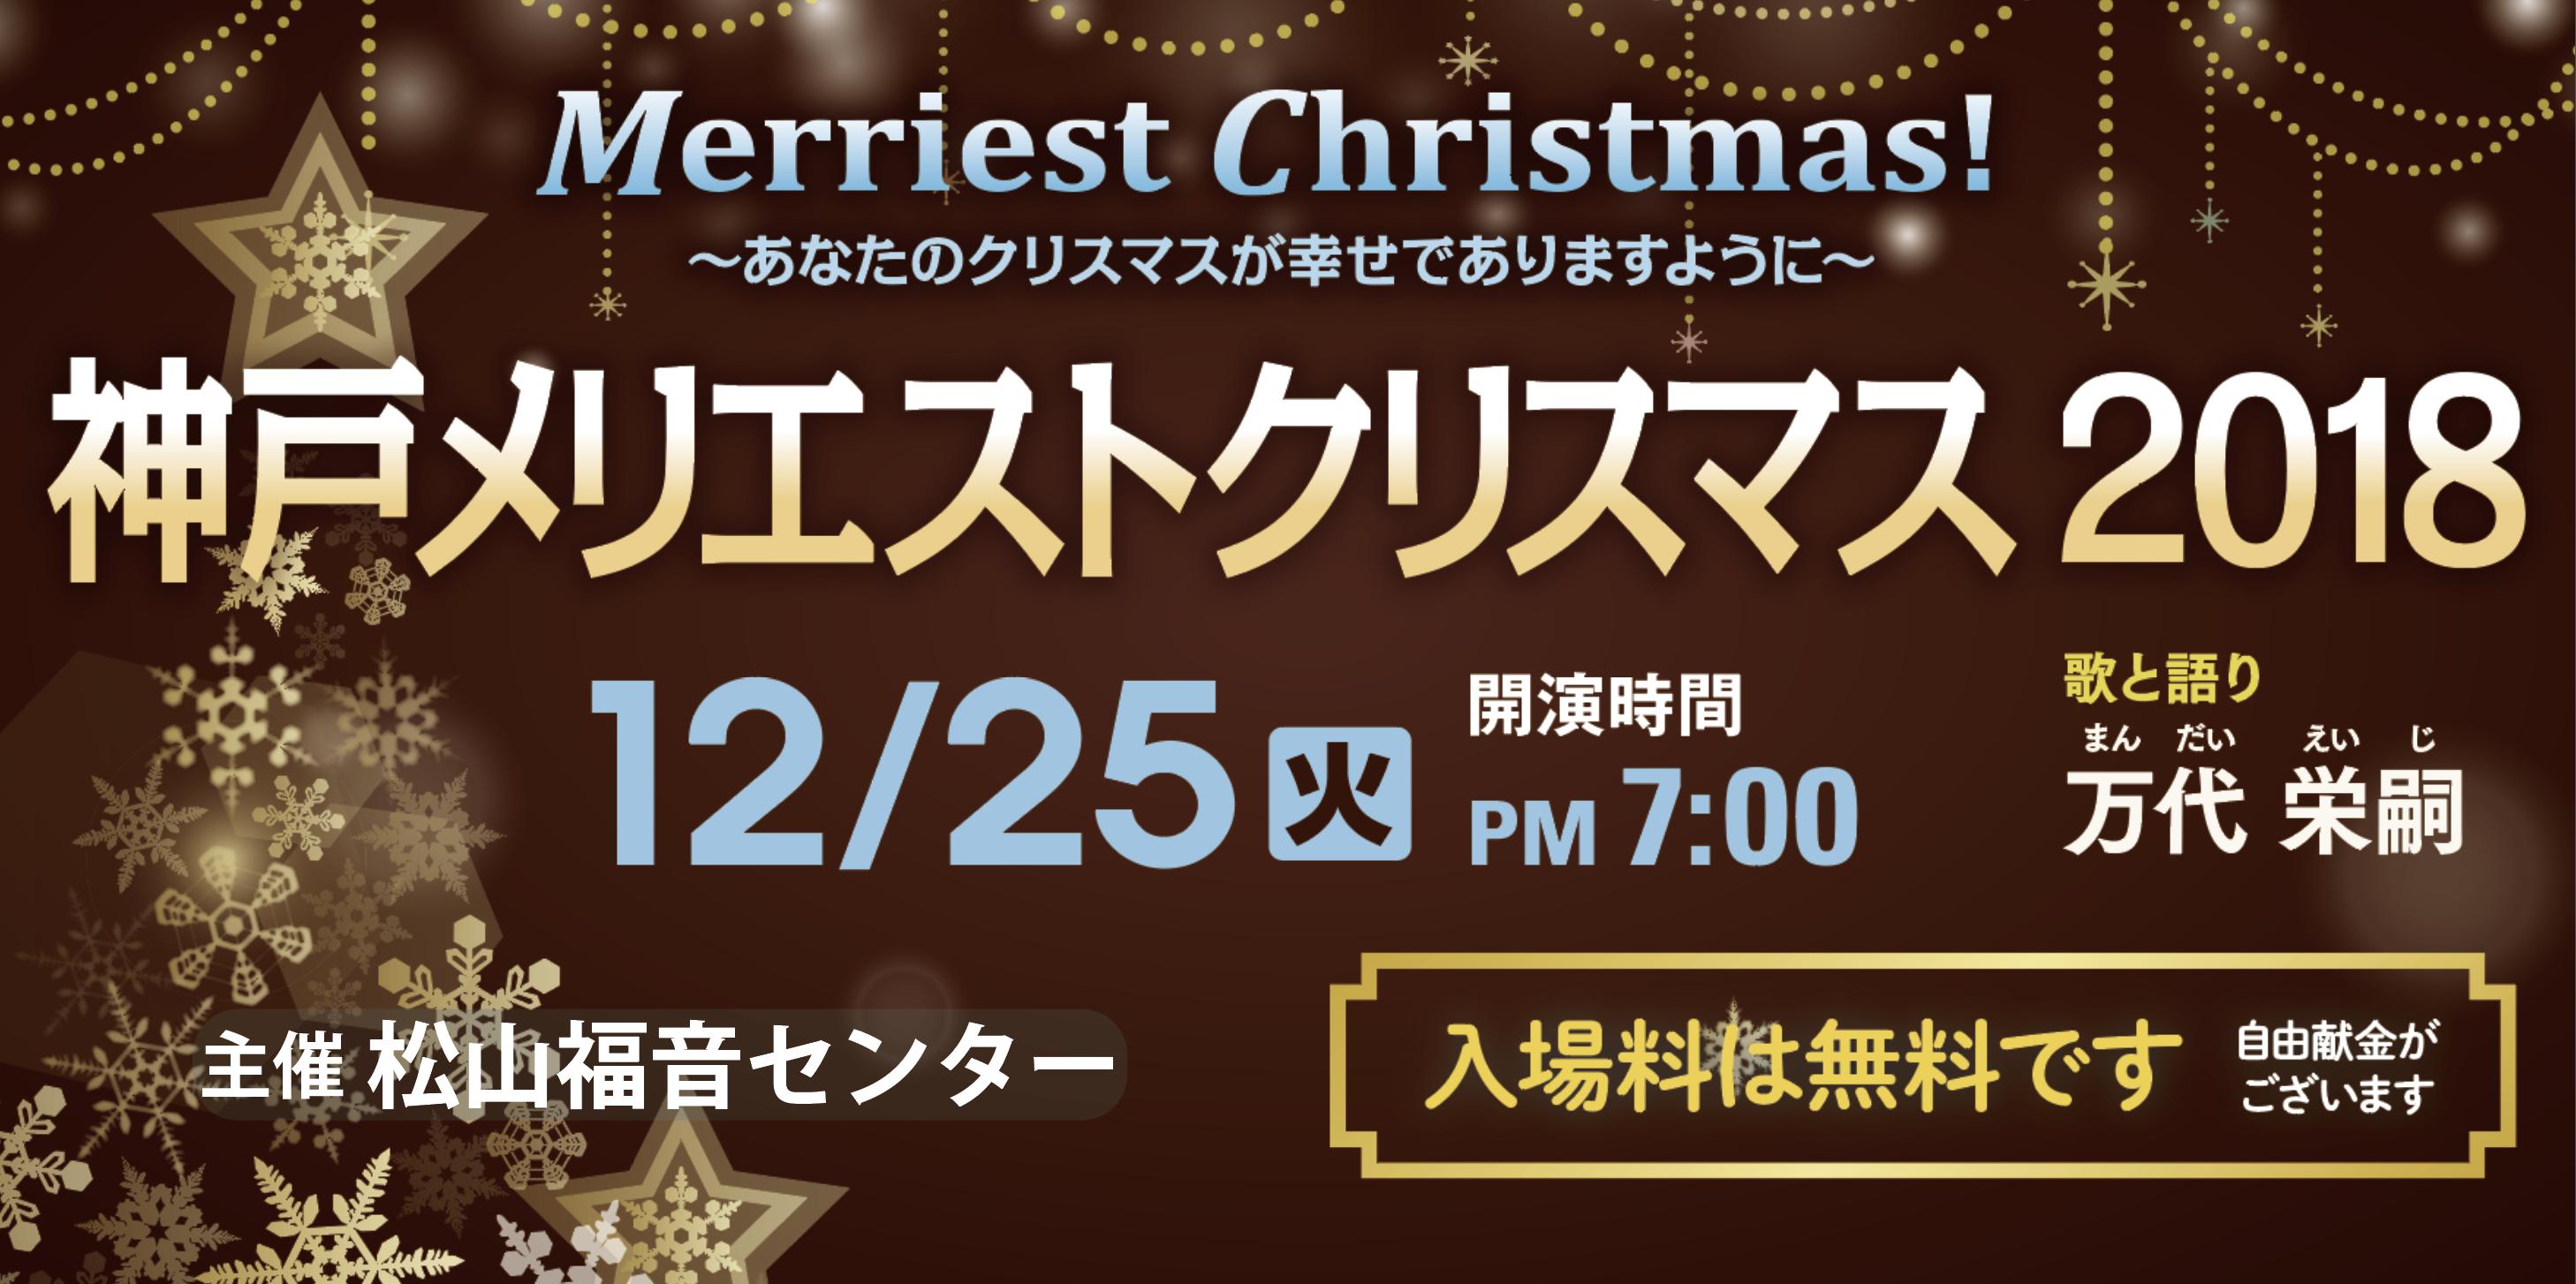 神戸メリエストクリスマス2018